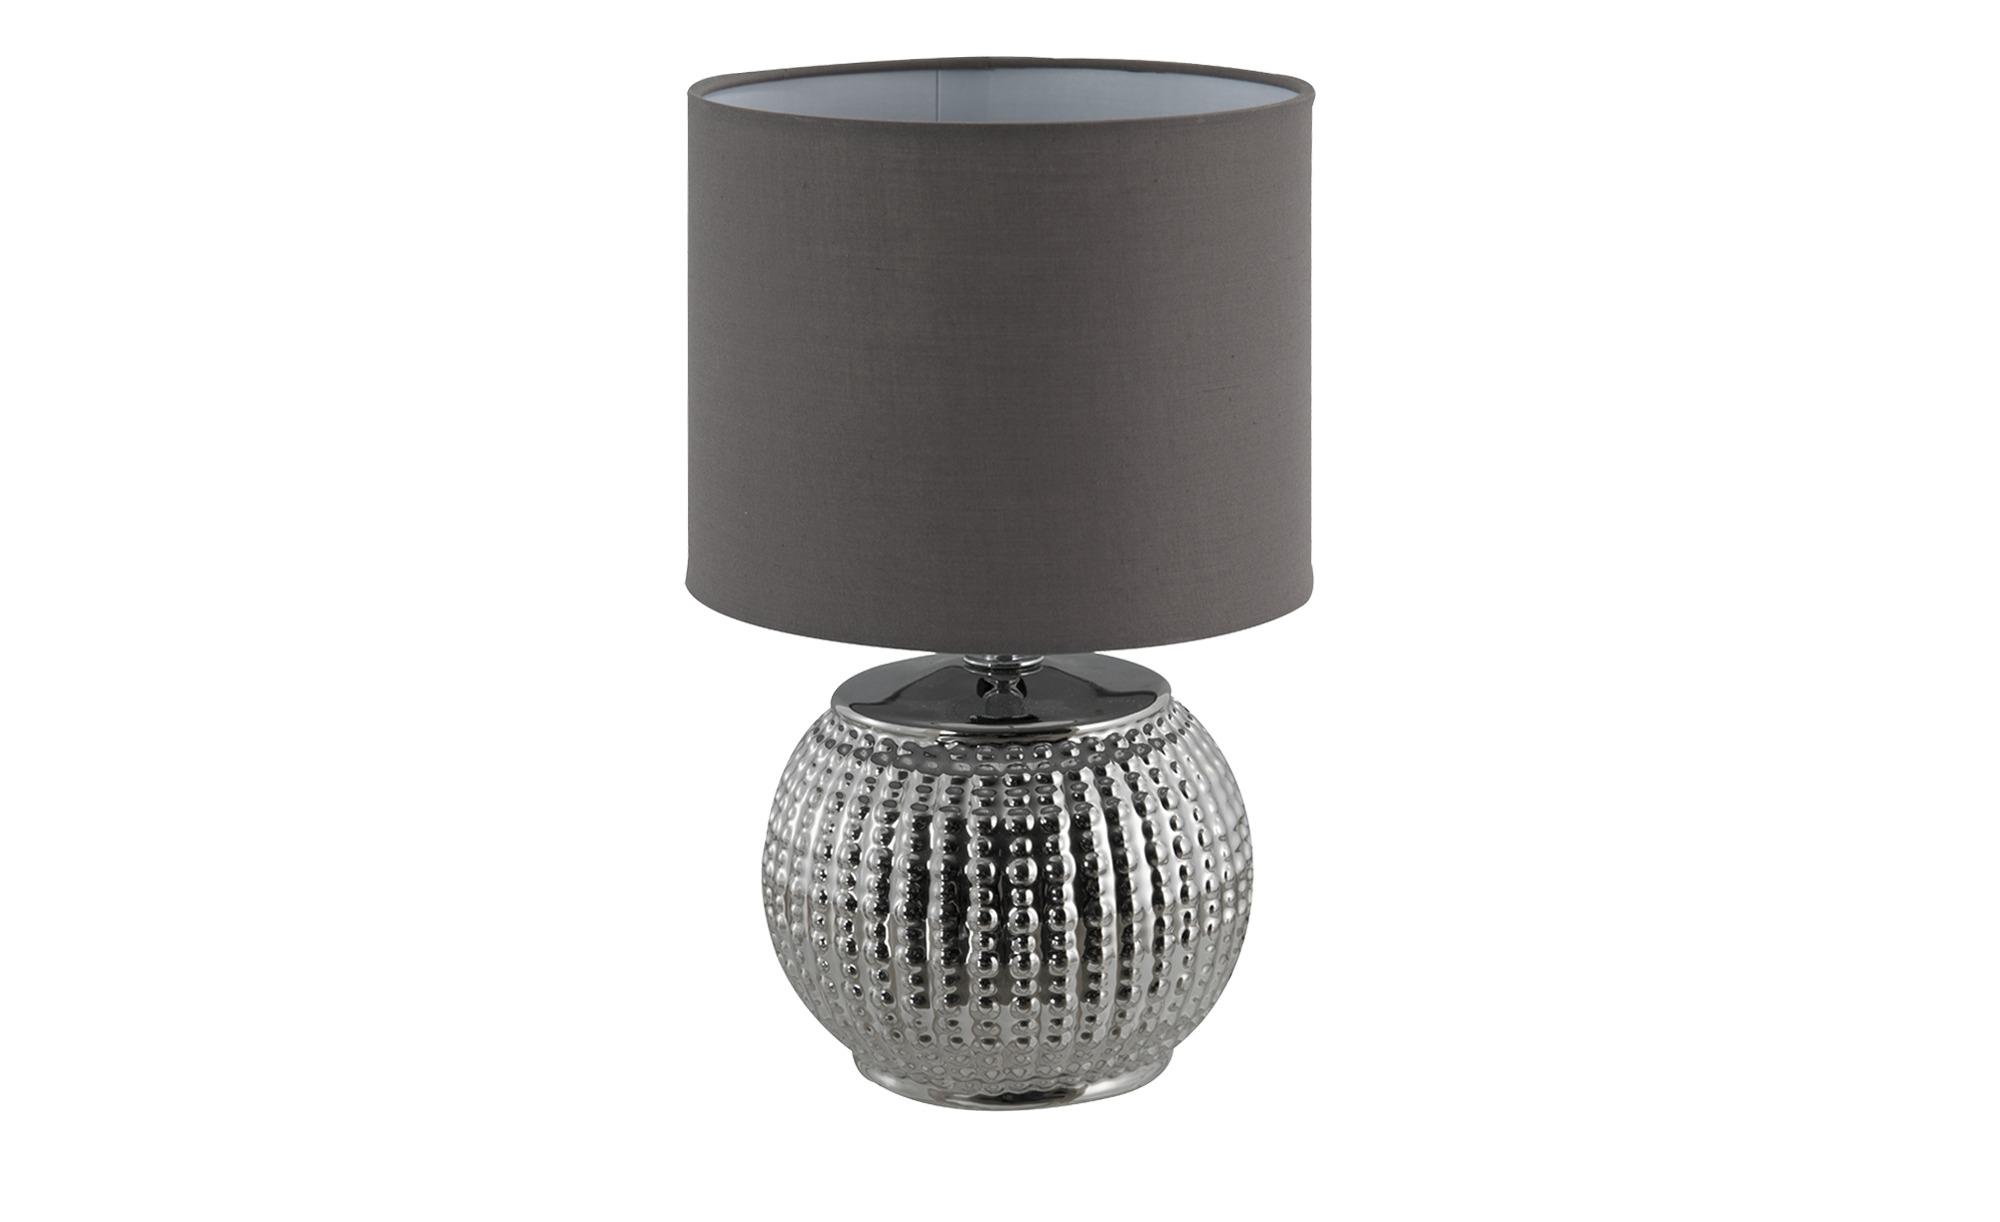 Tischleuchte mit chromfarbenen Fuß ¦ silber ¦ Maße (cm): H: 30 Ø: 20 Lampen & Leuchten > Innenleuchten > Tischlampen - Höffner